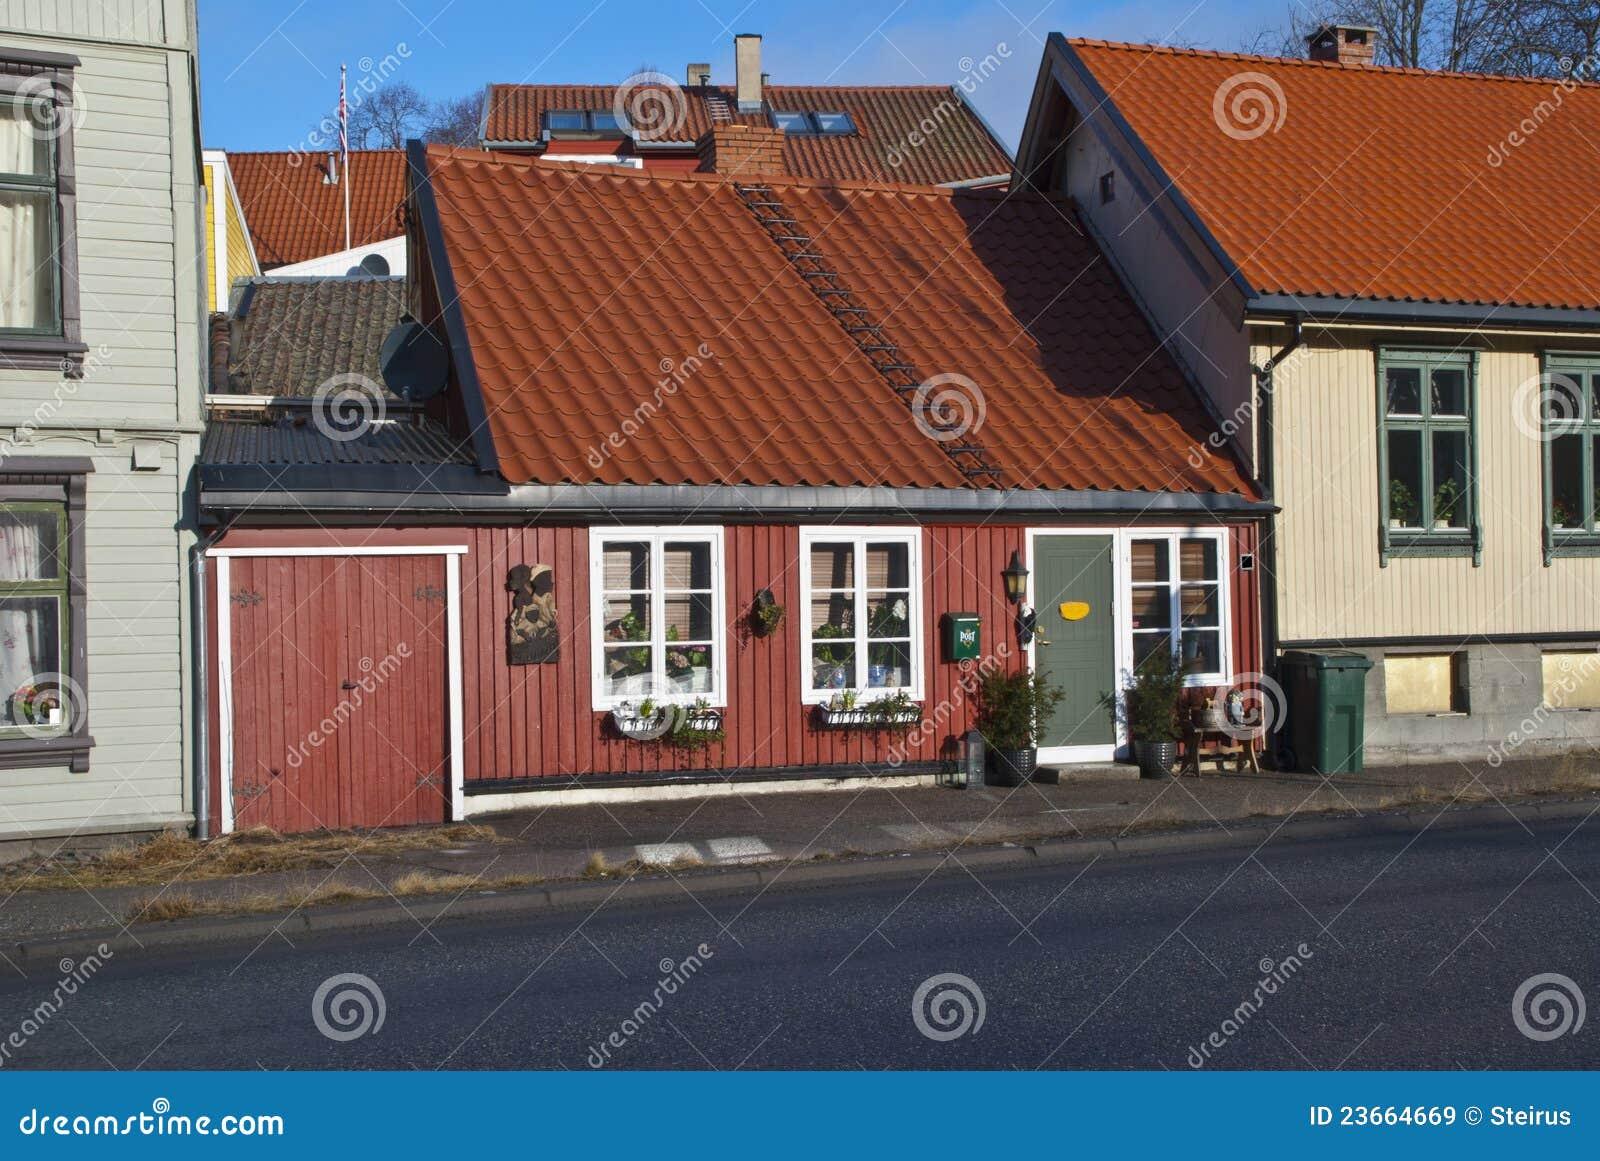 Peque as casas de madera viejas y acogedoras en halden - Casas de madera pequenas ...